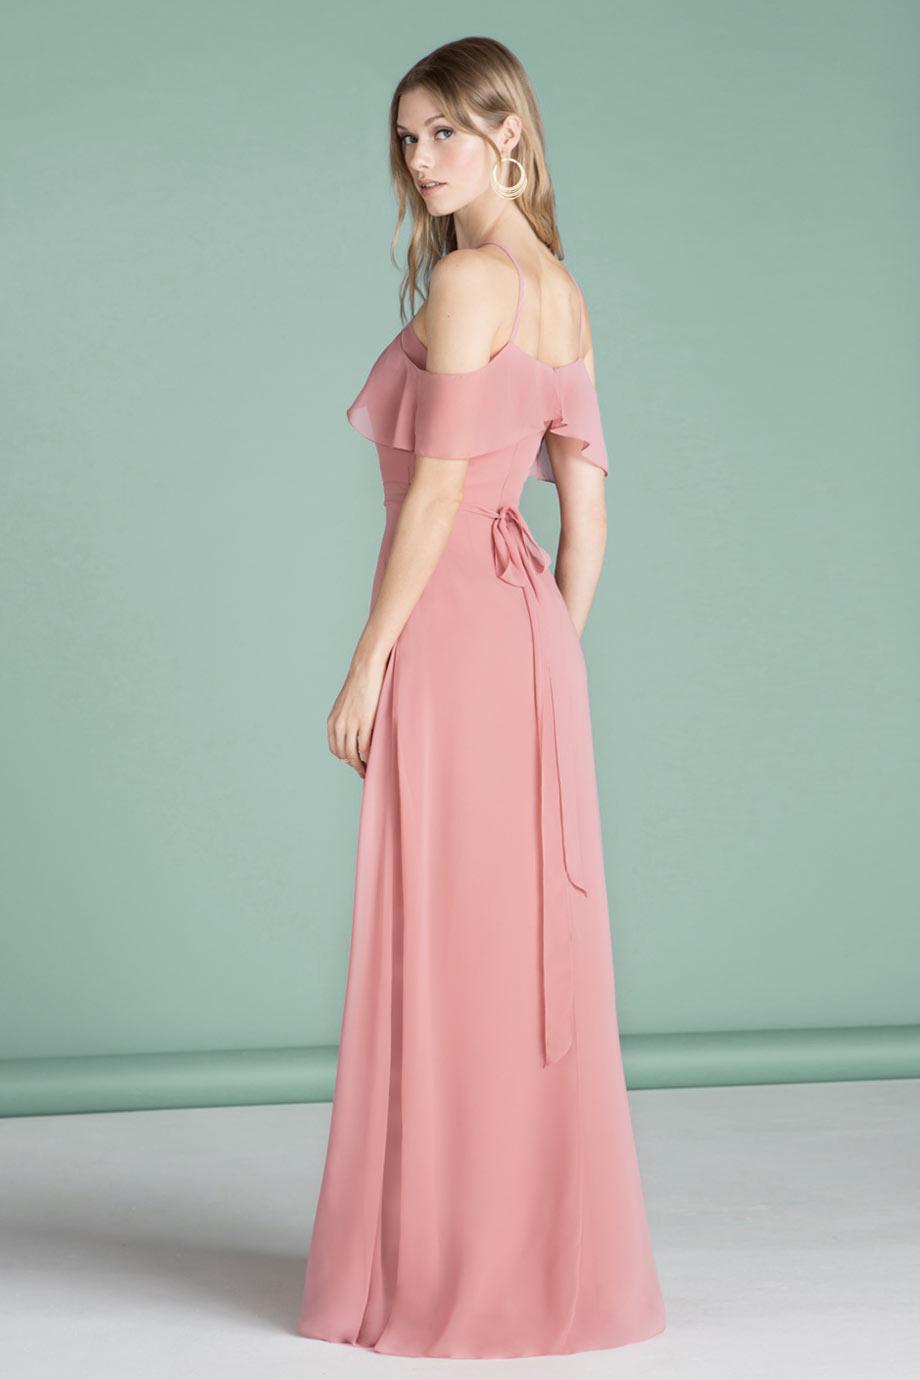 58548a9077 Robe cérémonie mariage vieux rose longue à épaule dénudé - JMRouge.fr